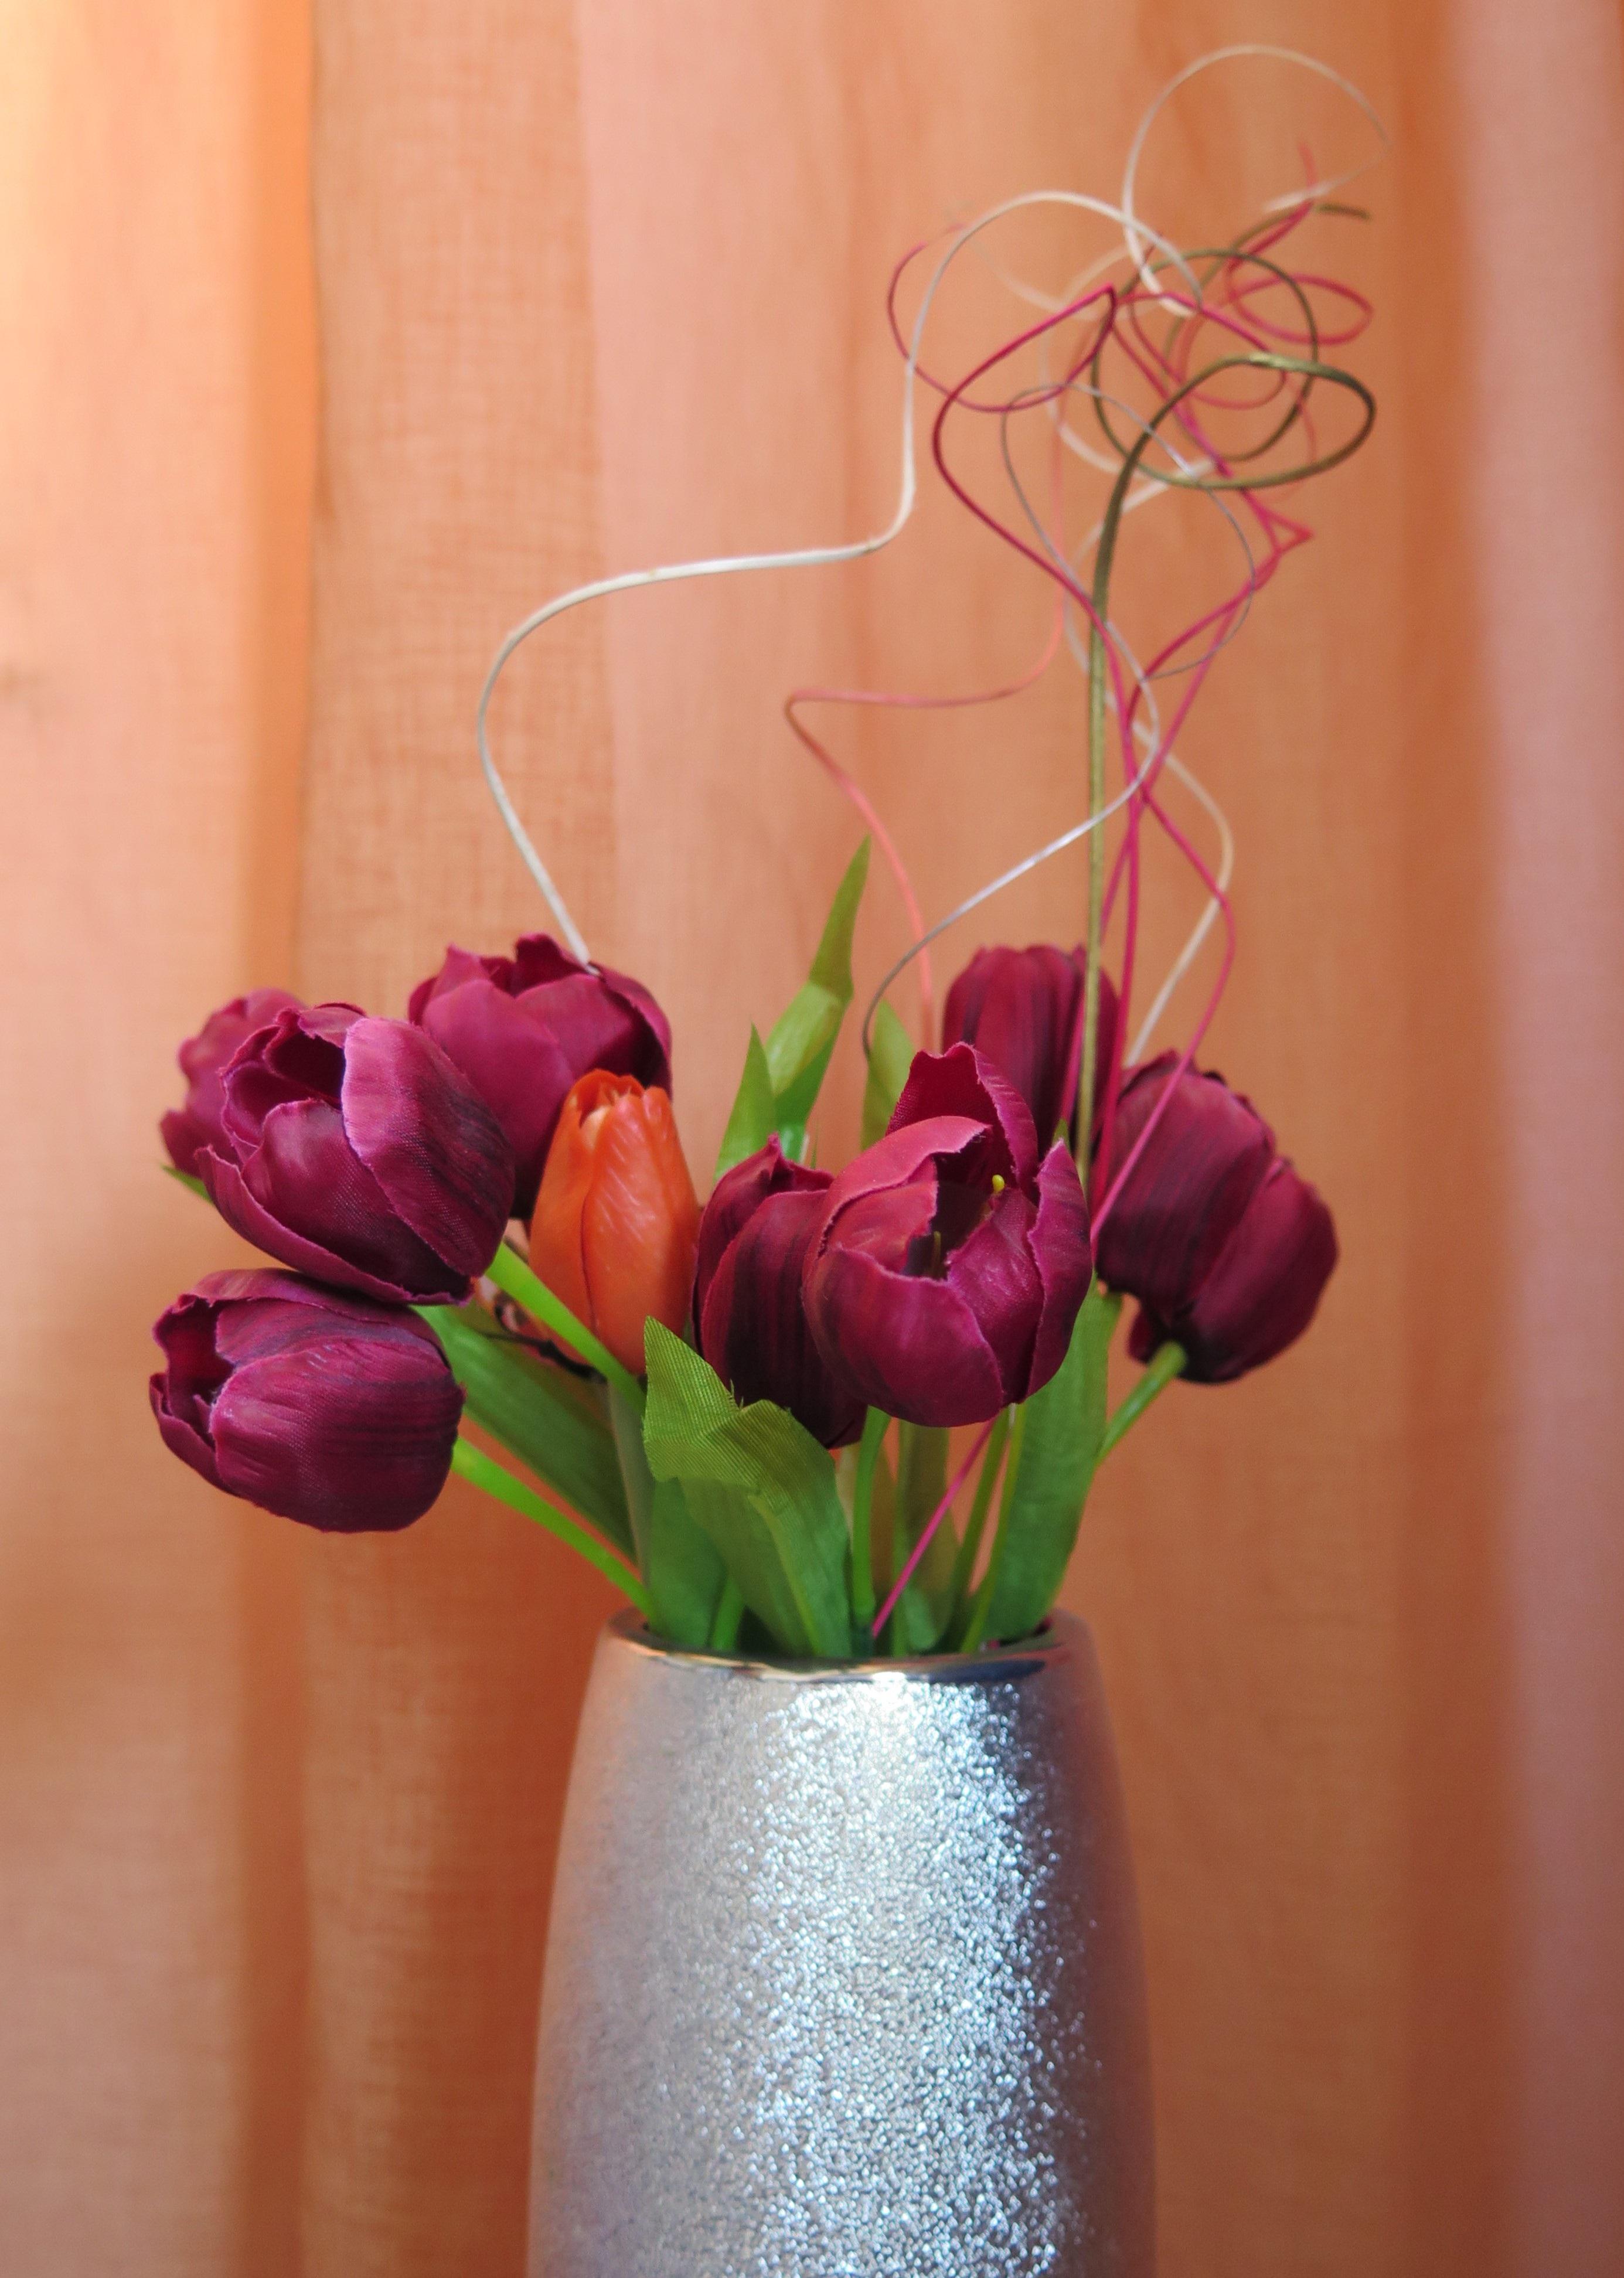 free images   nature  blossom  bunch  leaf  petal  bloom  celebration  tulip  gift  vase